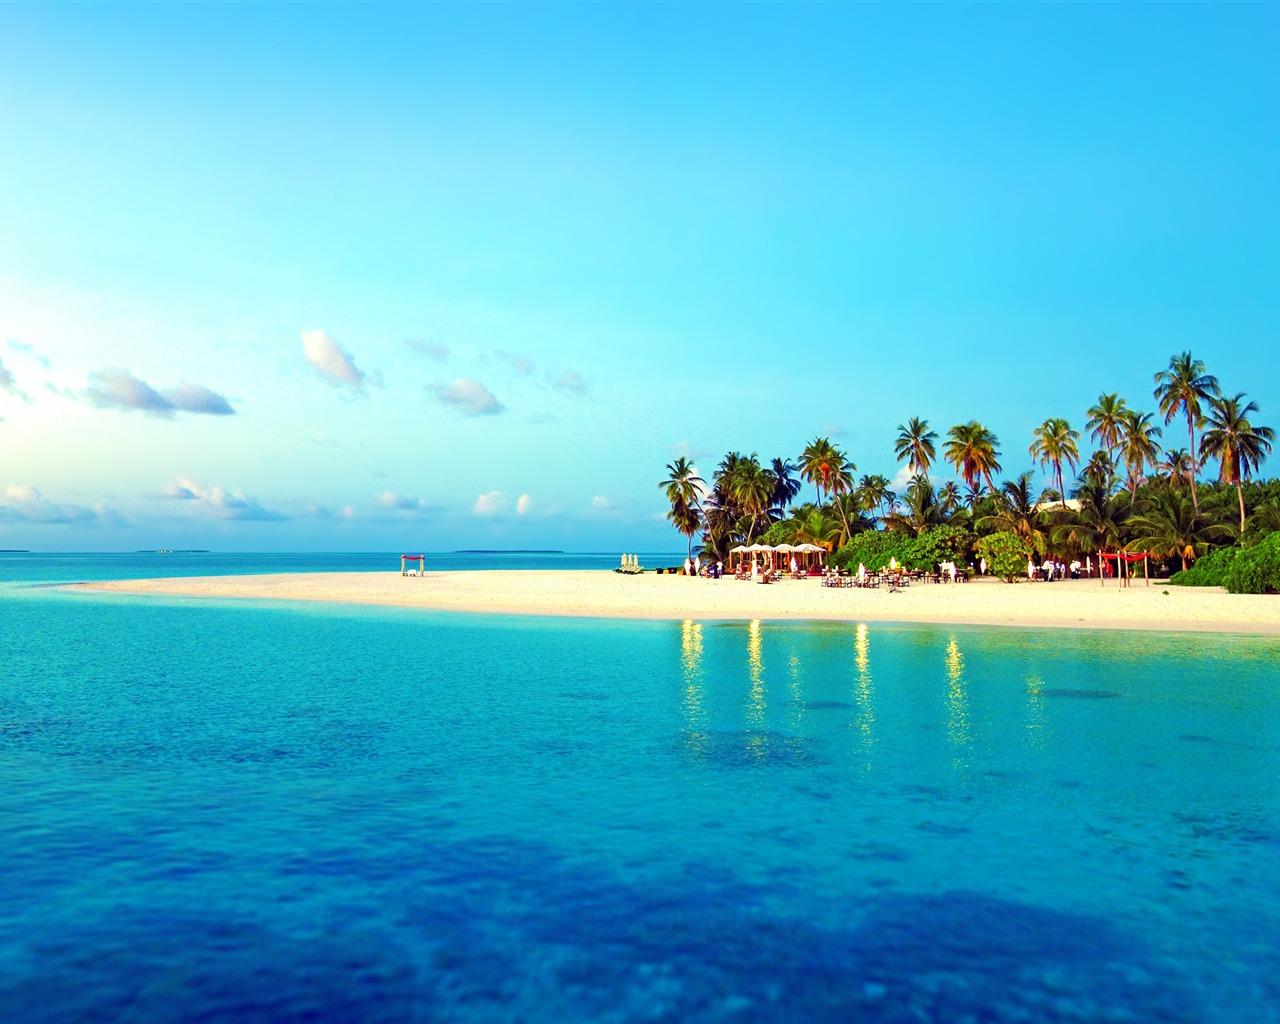 描述: 热带海滩沙夏季-自然高清壁纸 当前壁纸尺寸: 1280 x 1024图片